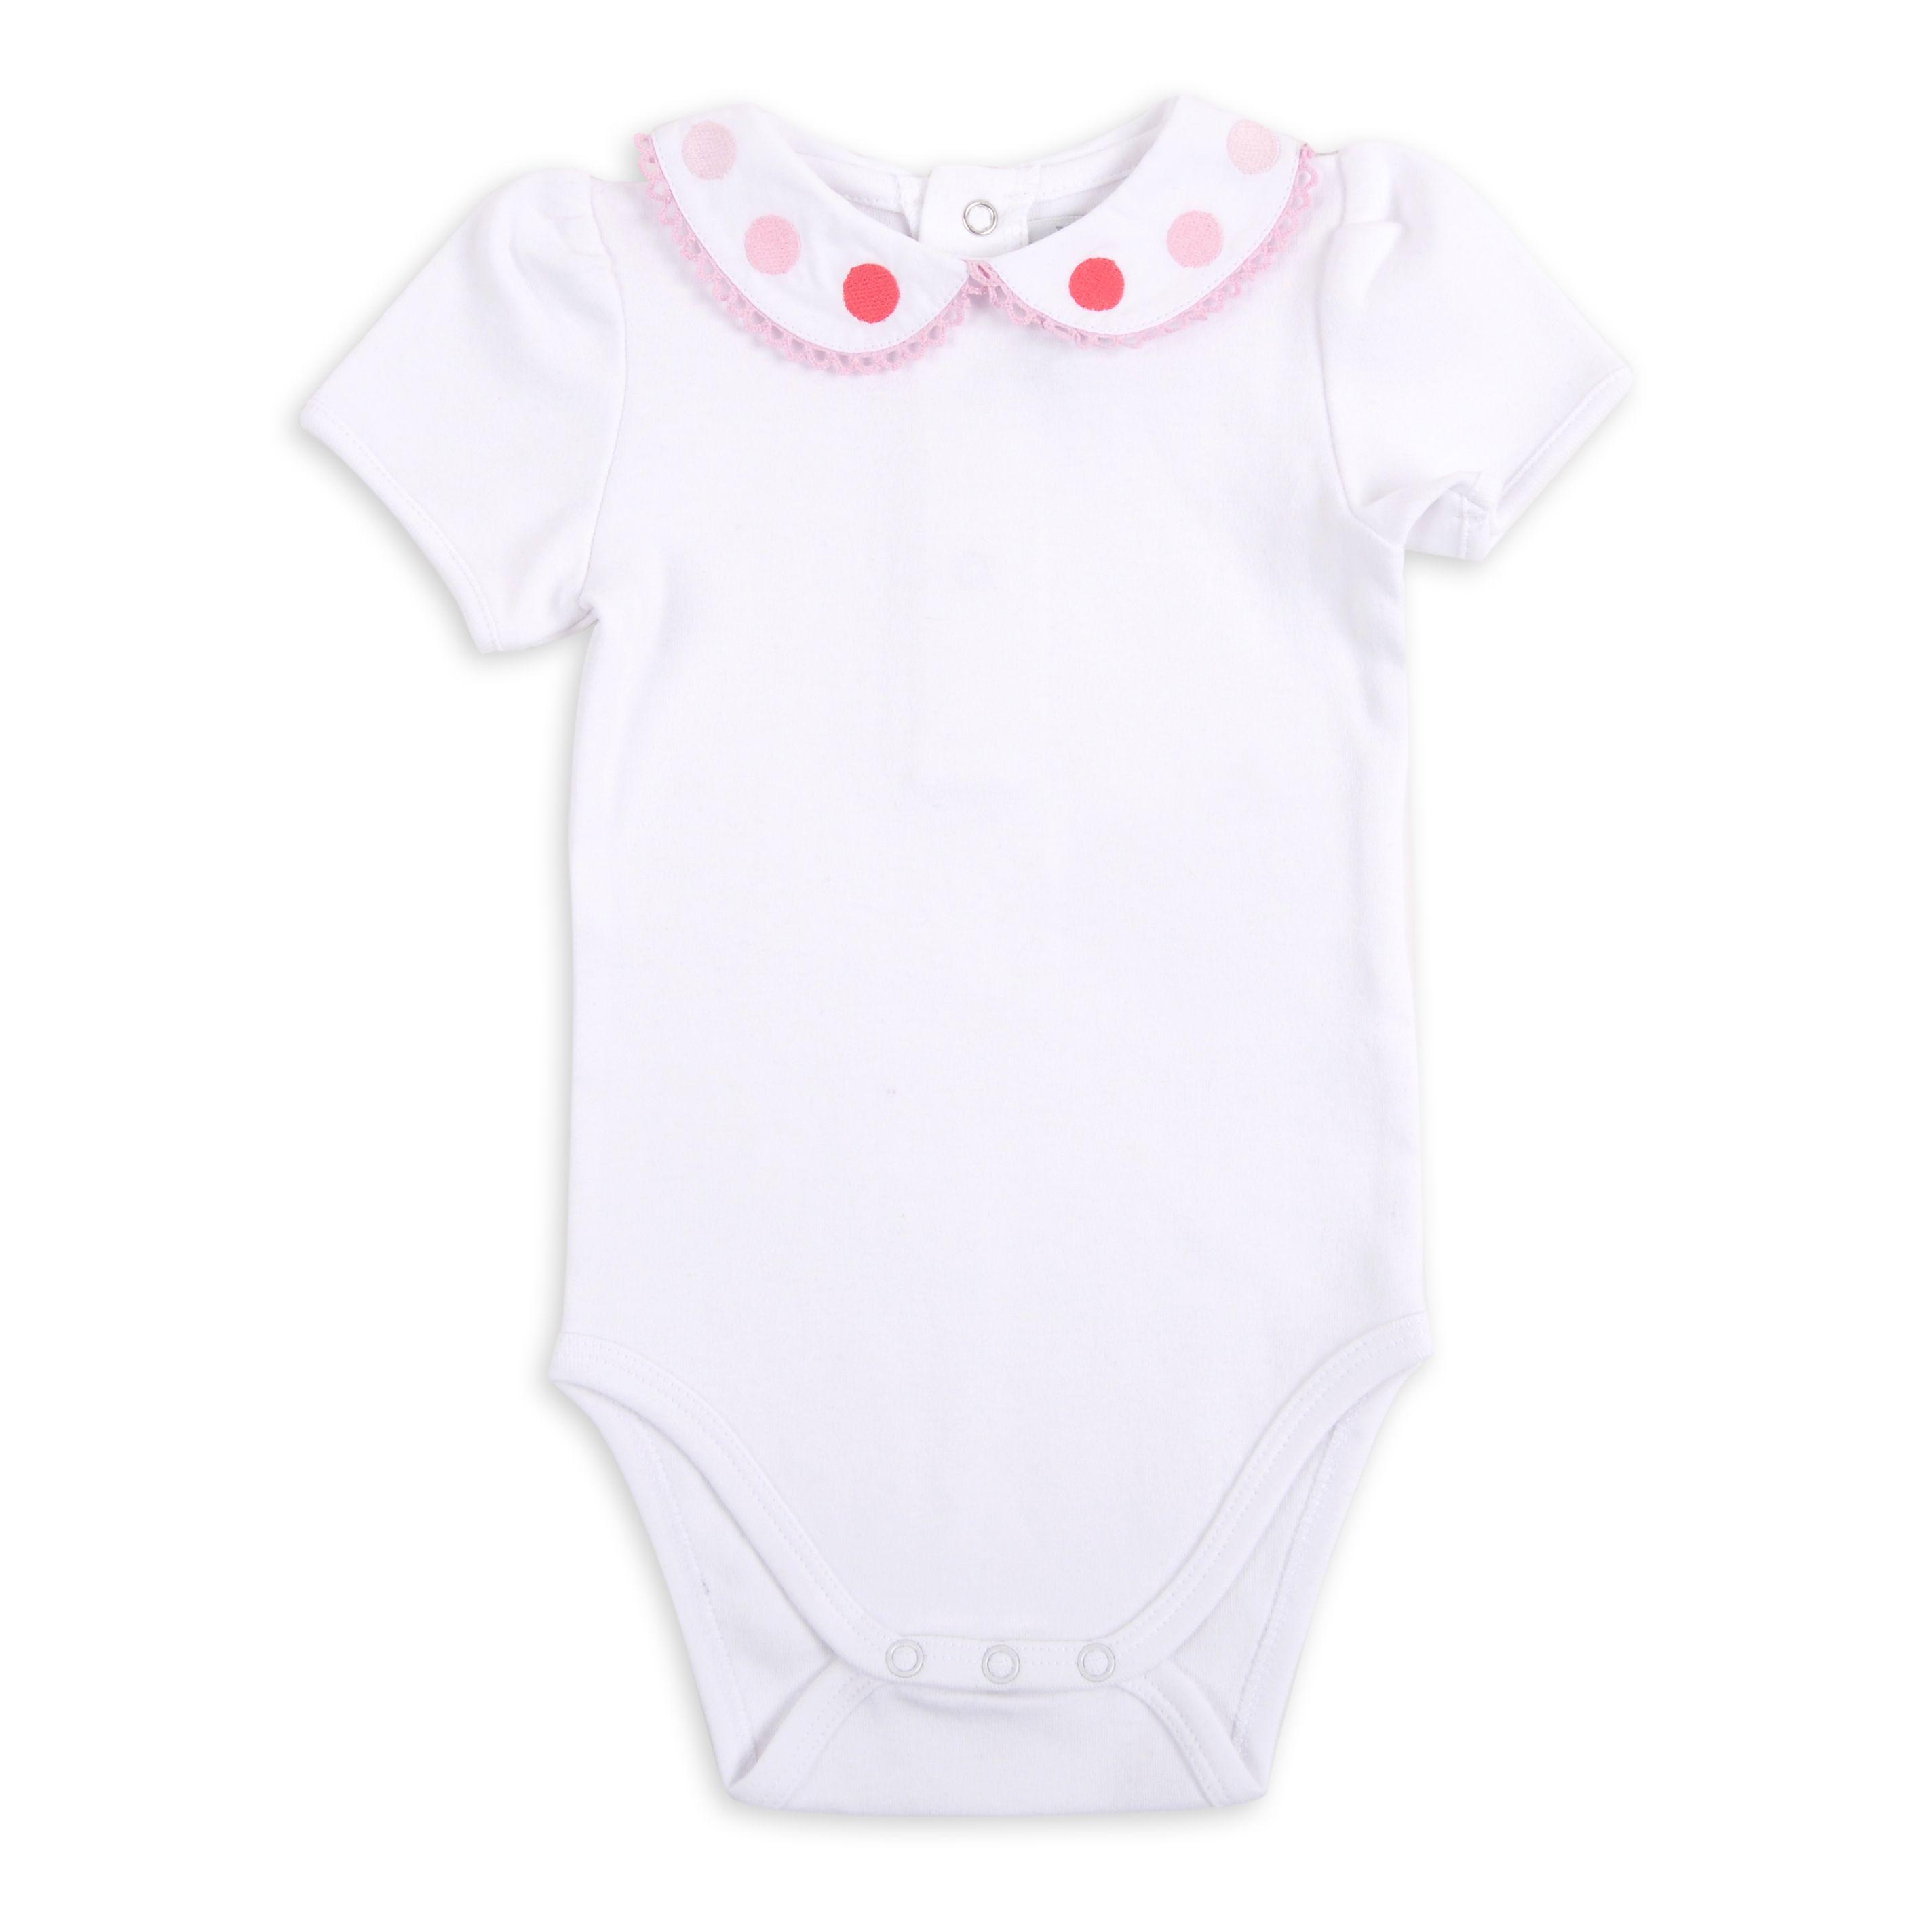 f2d824c80 Body EPK blanco para bebé niña con puntos rosados y coral en el cuello.  Encuentra este Pin y muchos más en Ropa ...